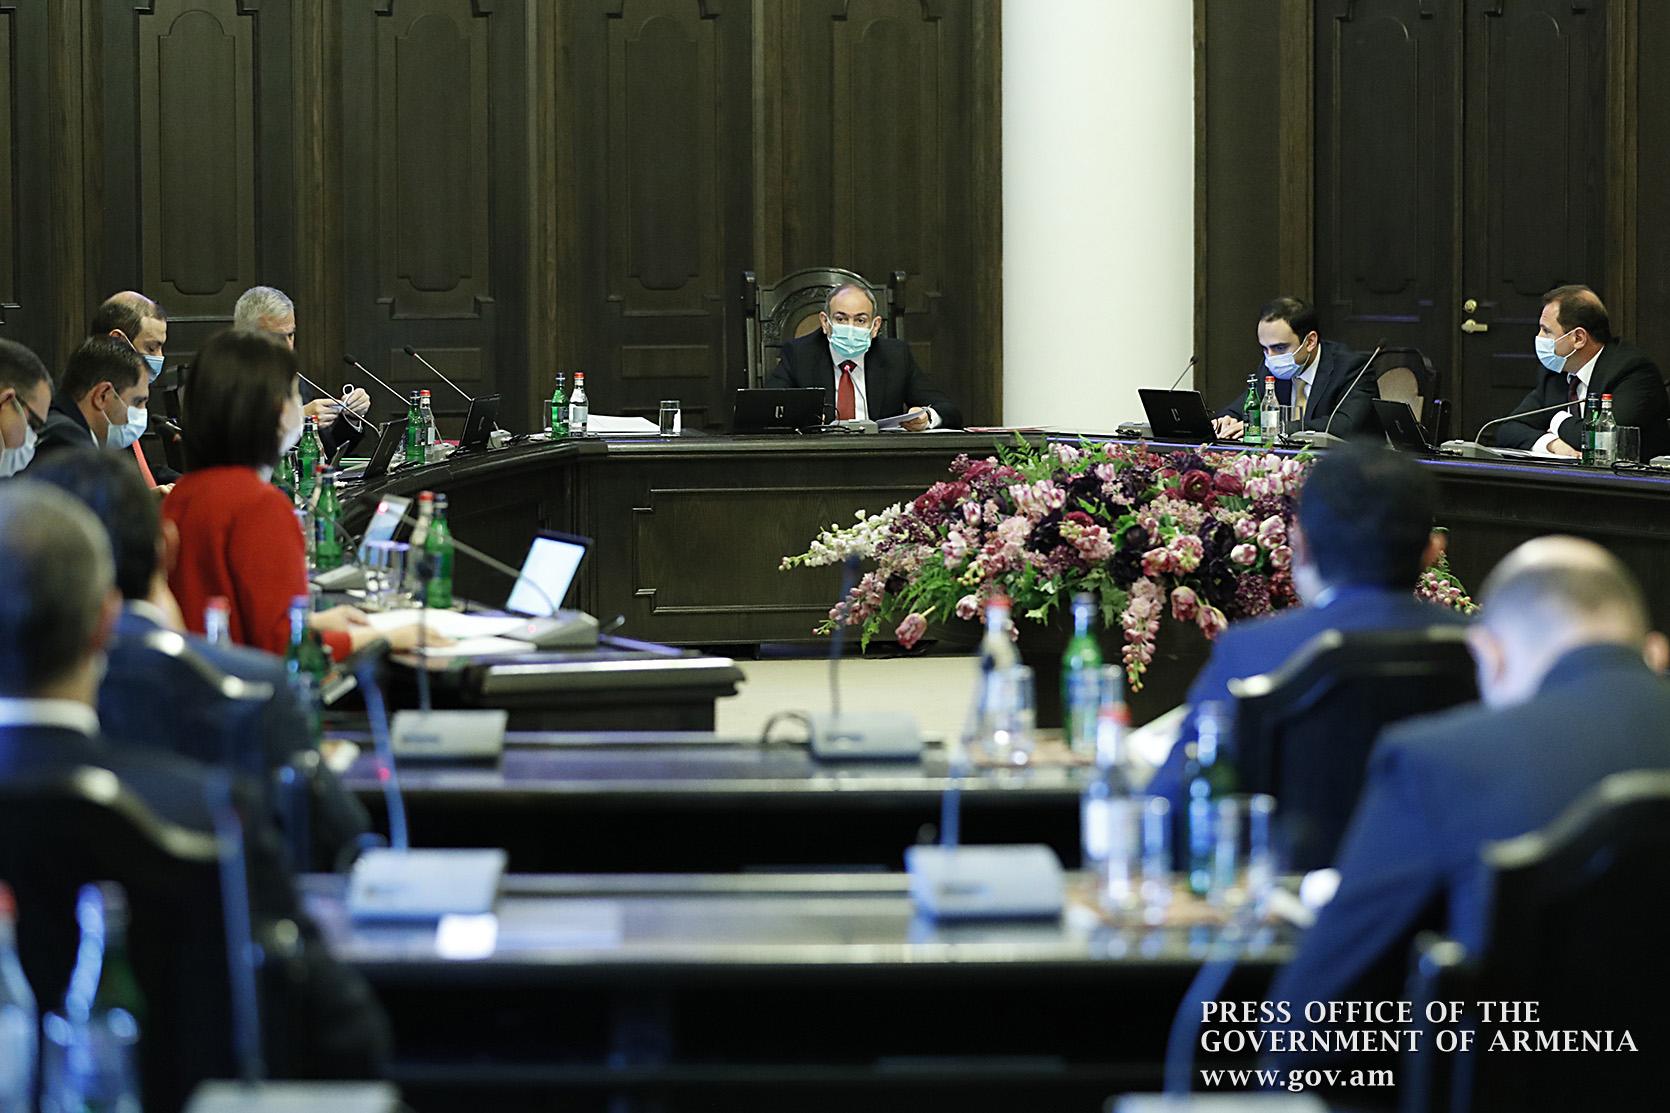 Photo of Կառավարությունը հաստատել է Կորոնավիրուսի տնտեսական հետևանքների չեզոքացման 23-րդ և 24-րդ միջոցառումները